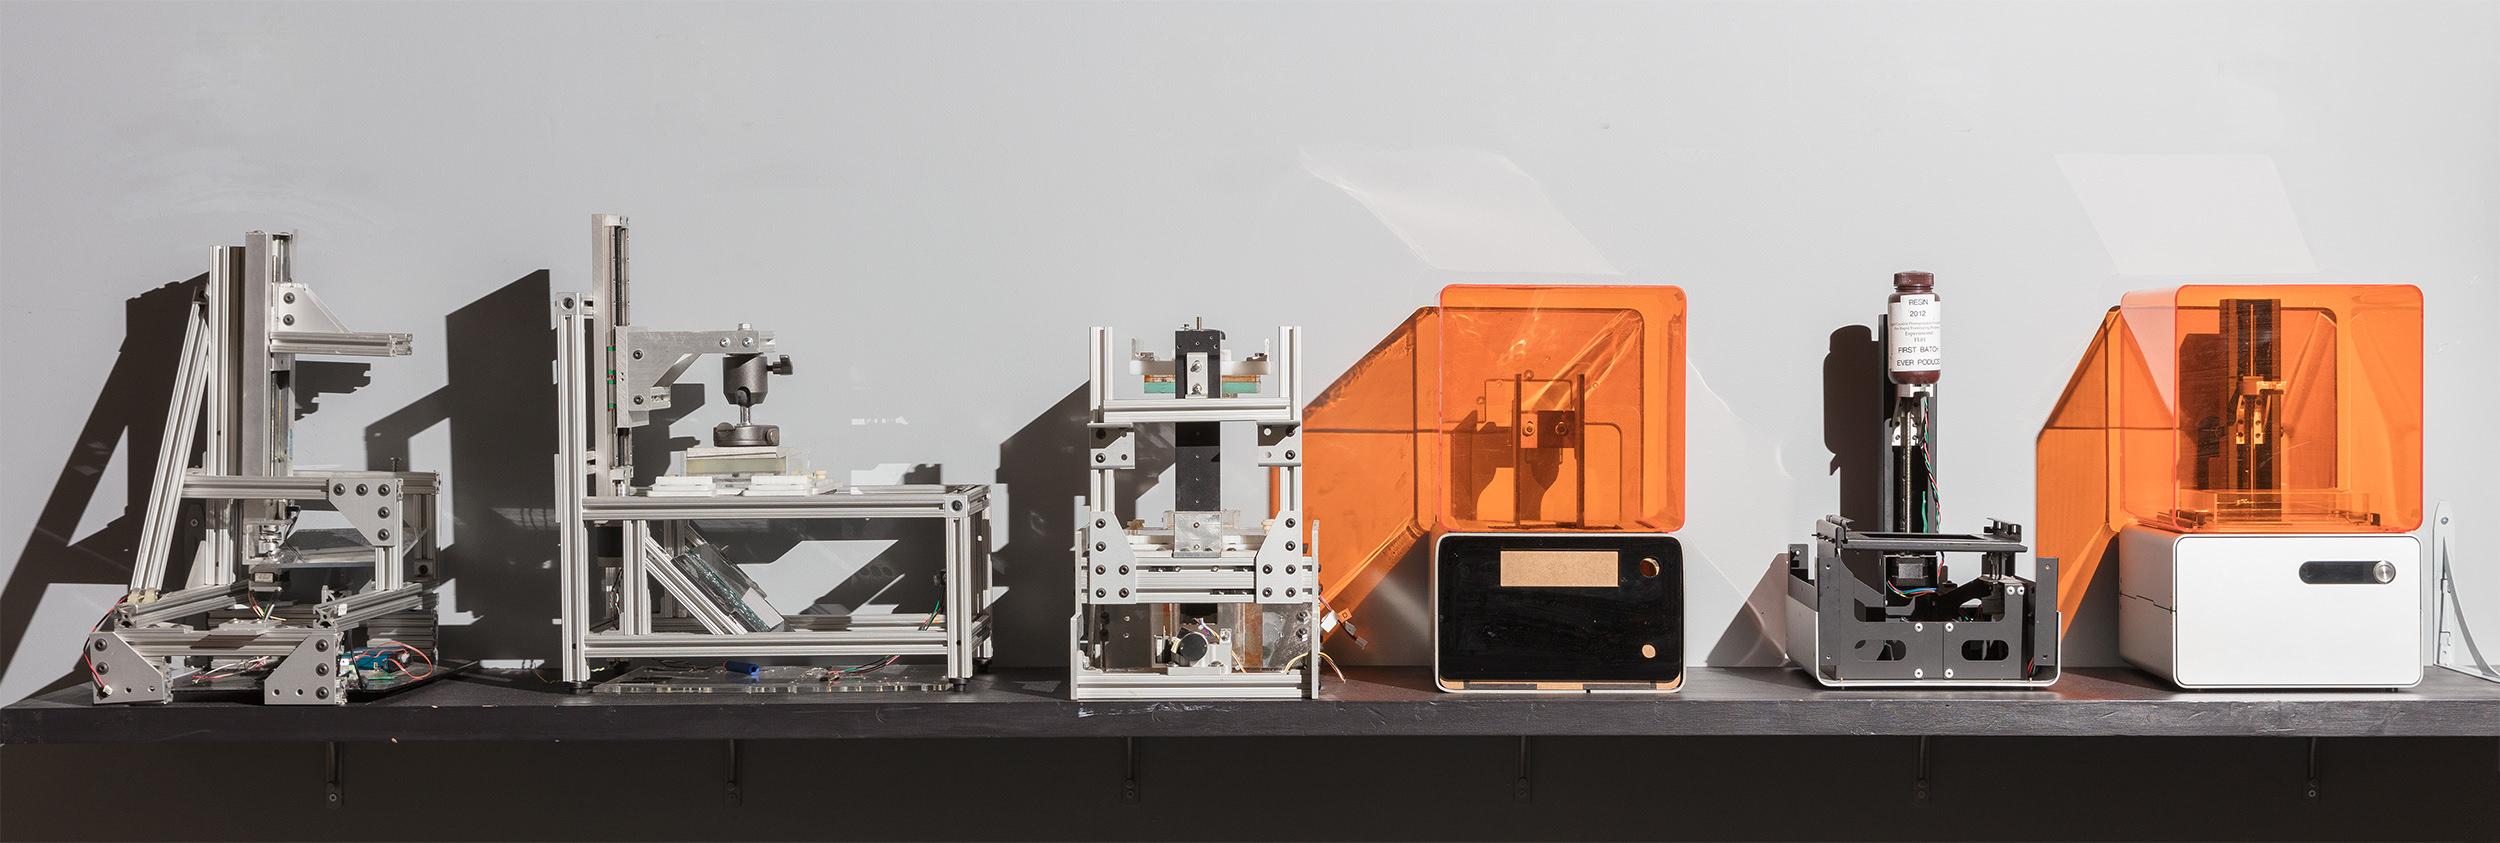 Prototypes de la Form 1, la première imprimante 3D SLA de bureau.